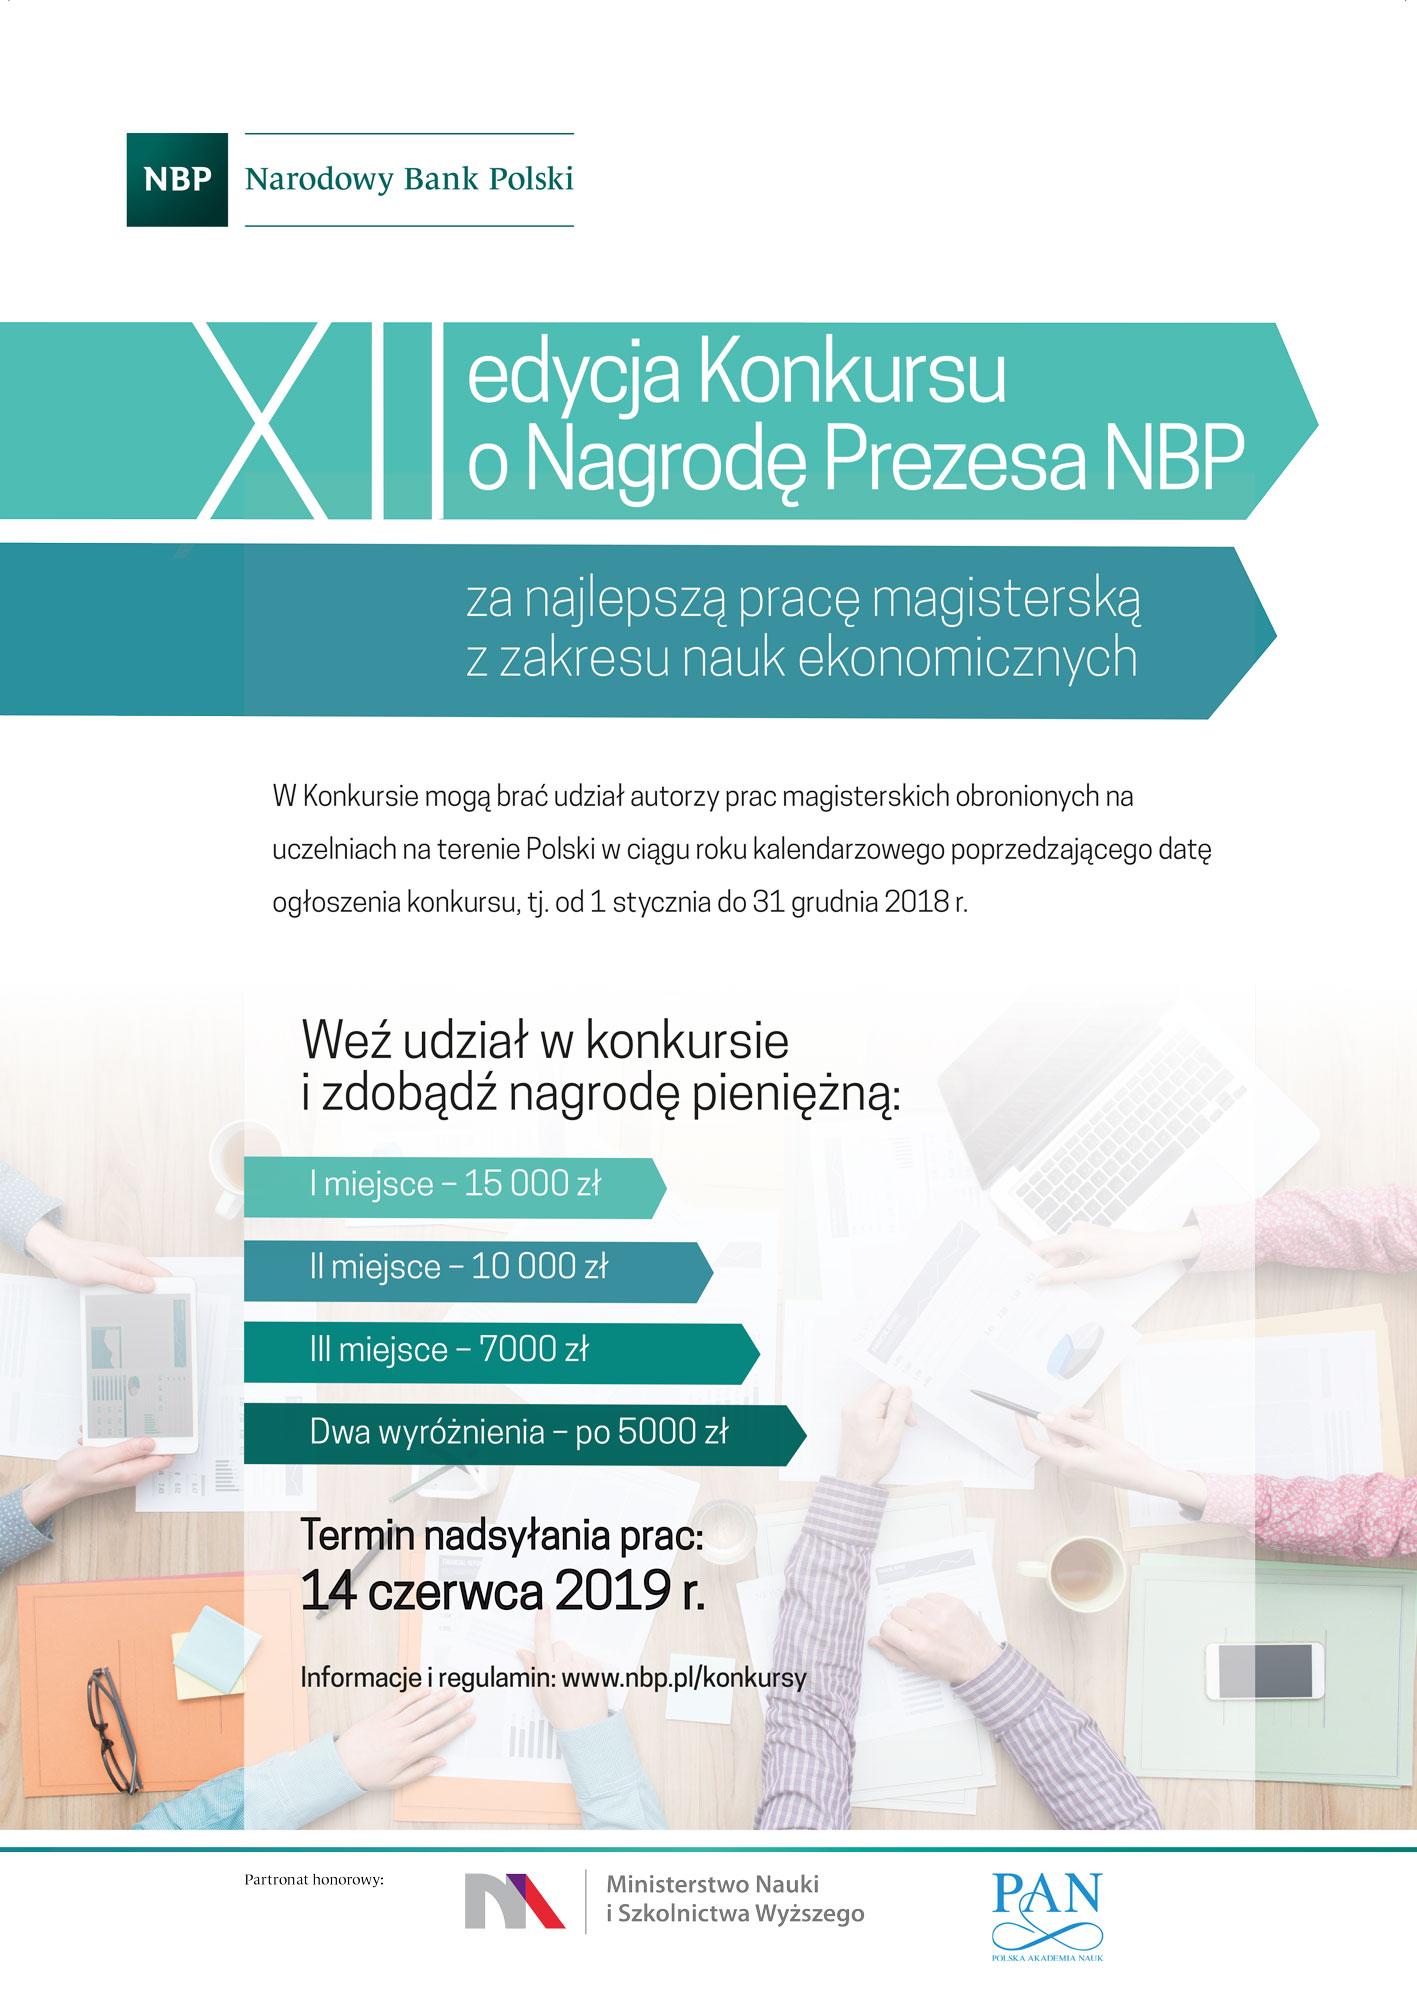 XII edycja Konkursu o Nagrodę Prezesa NBP za najlepszą pracę magisterską z zakresu nauk ekonomicznych